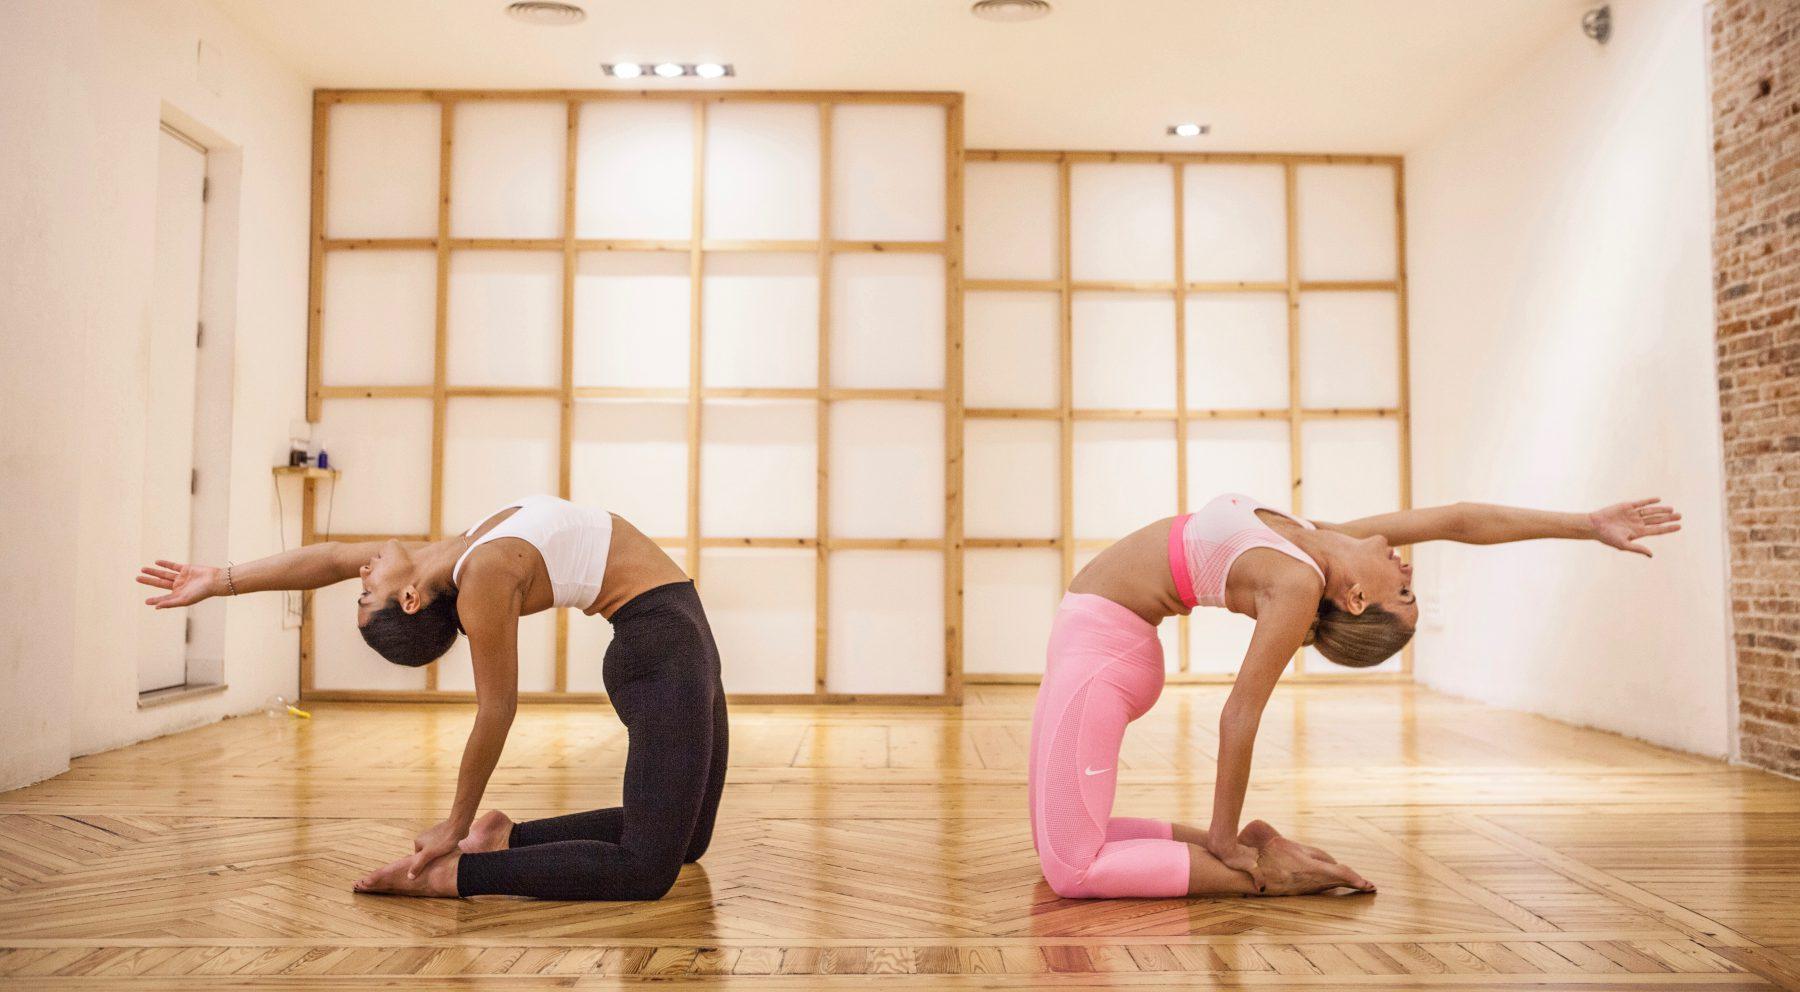 Katy & Yoga